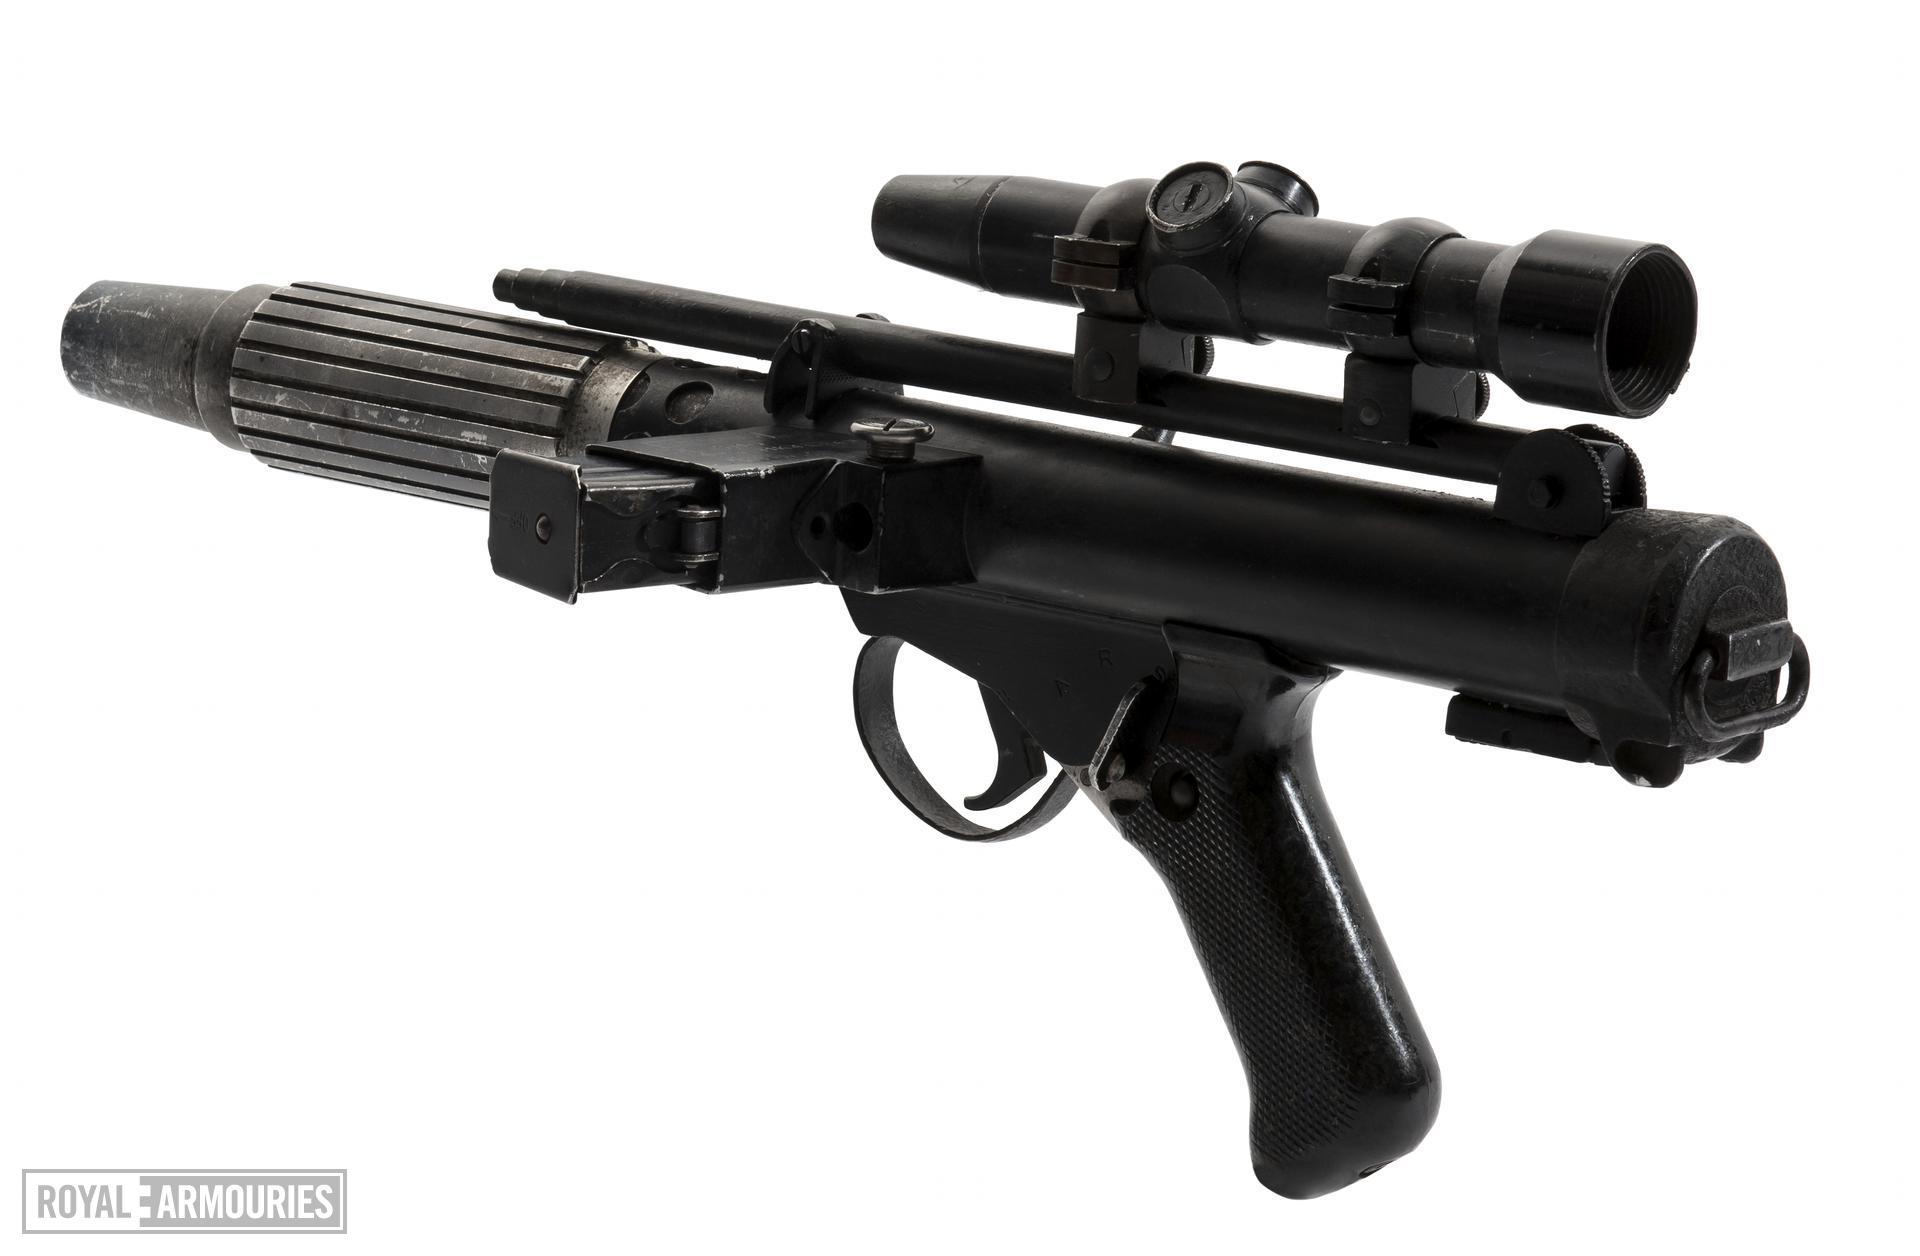 Submachine gun - Star Wars DH-17 rebel trooper blaster